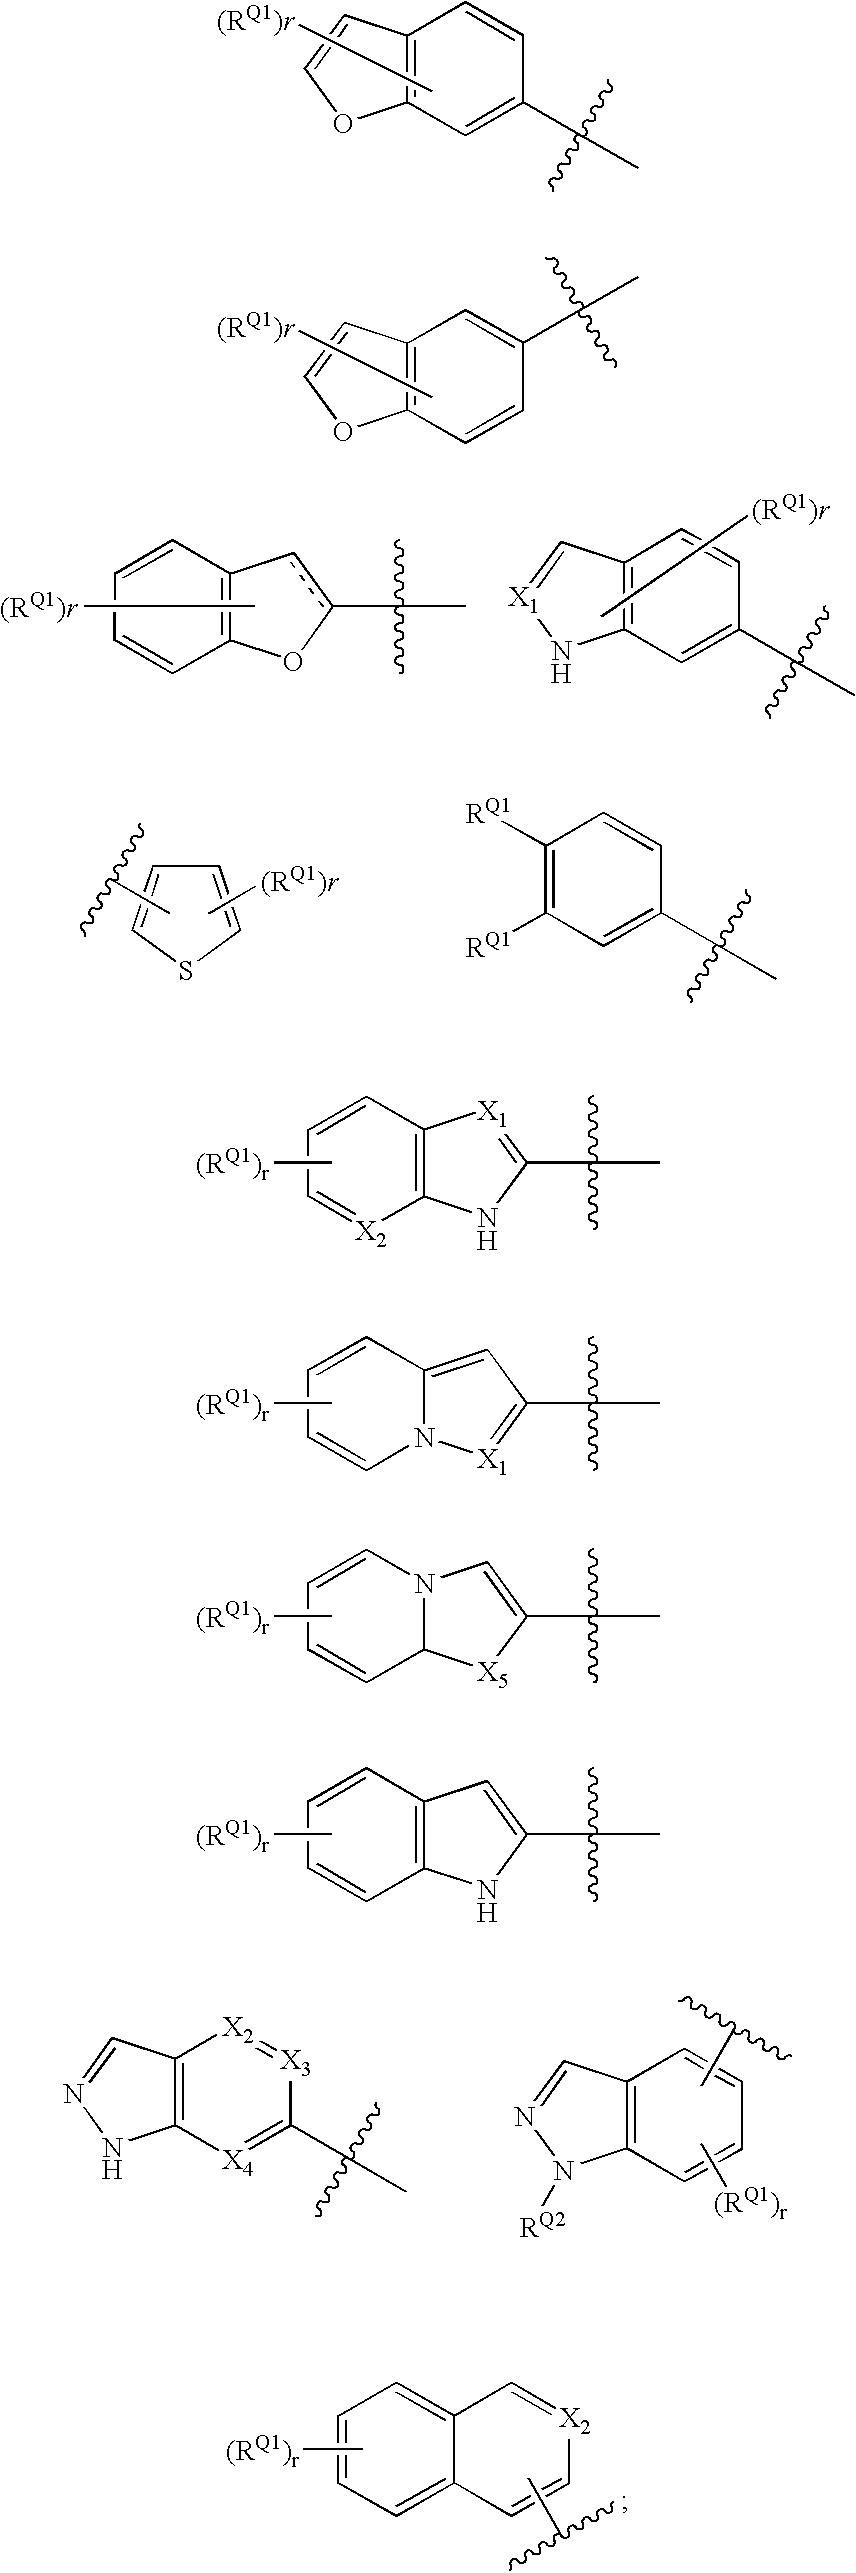 Figure US07790743-20100907-C00066